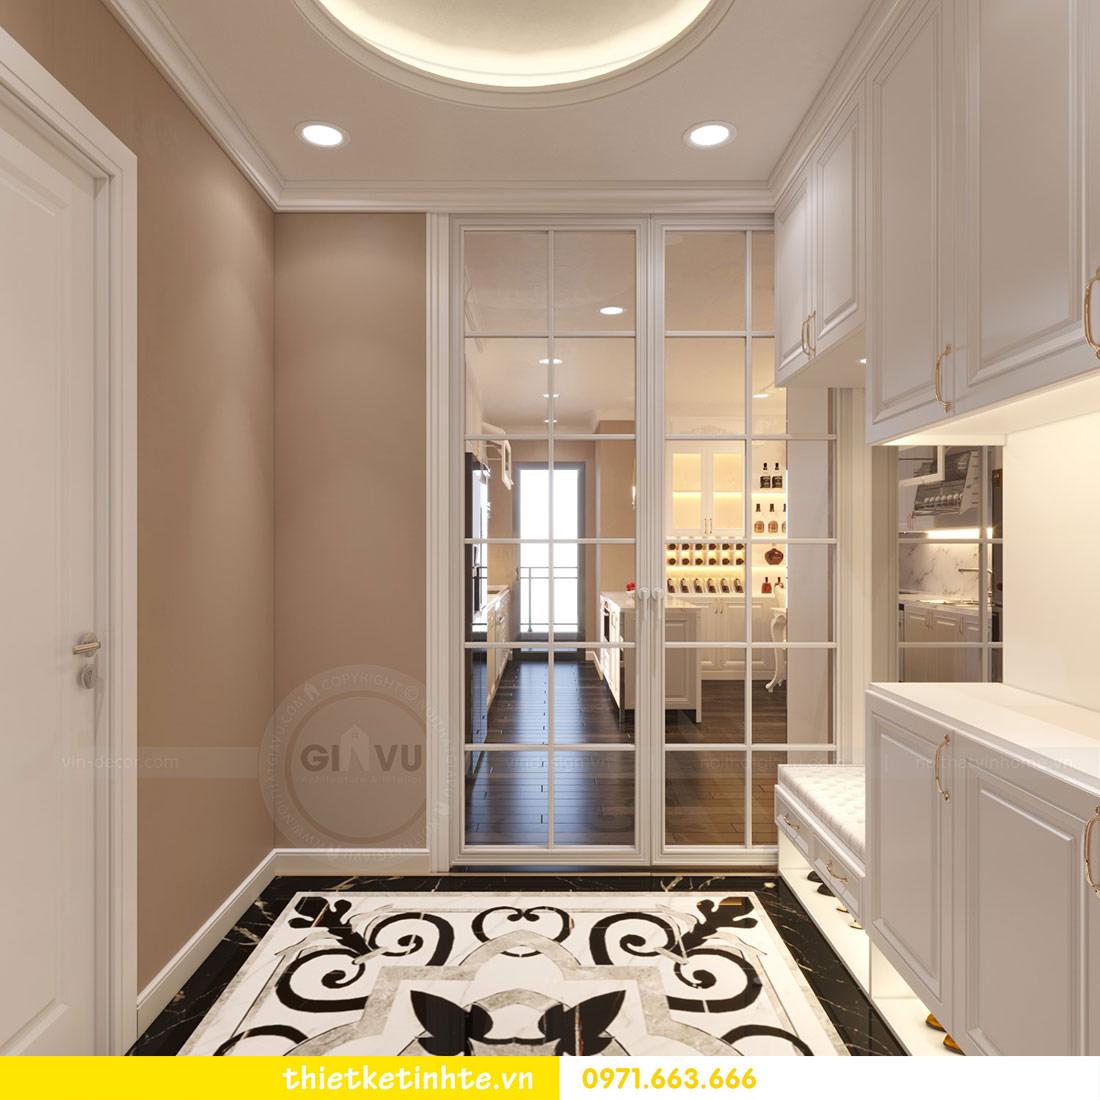 Thiết kế nội thất chung cư Gardenia tòa A3 căn 05 MS Hoài 2